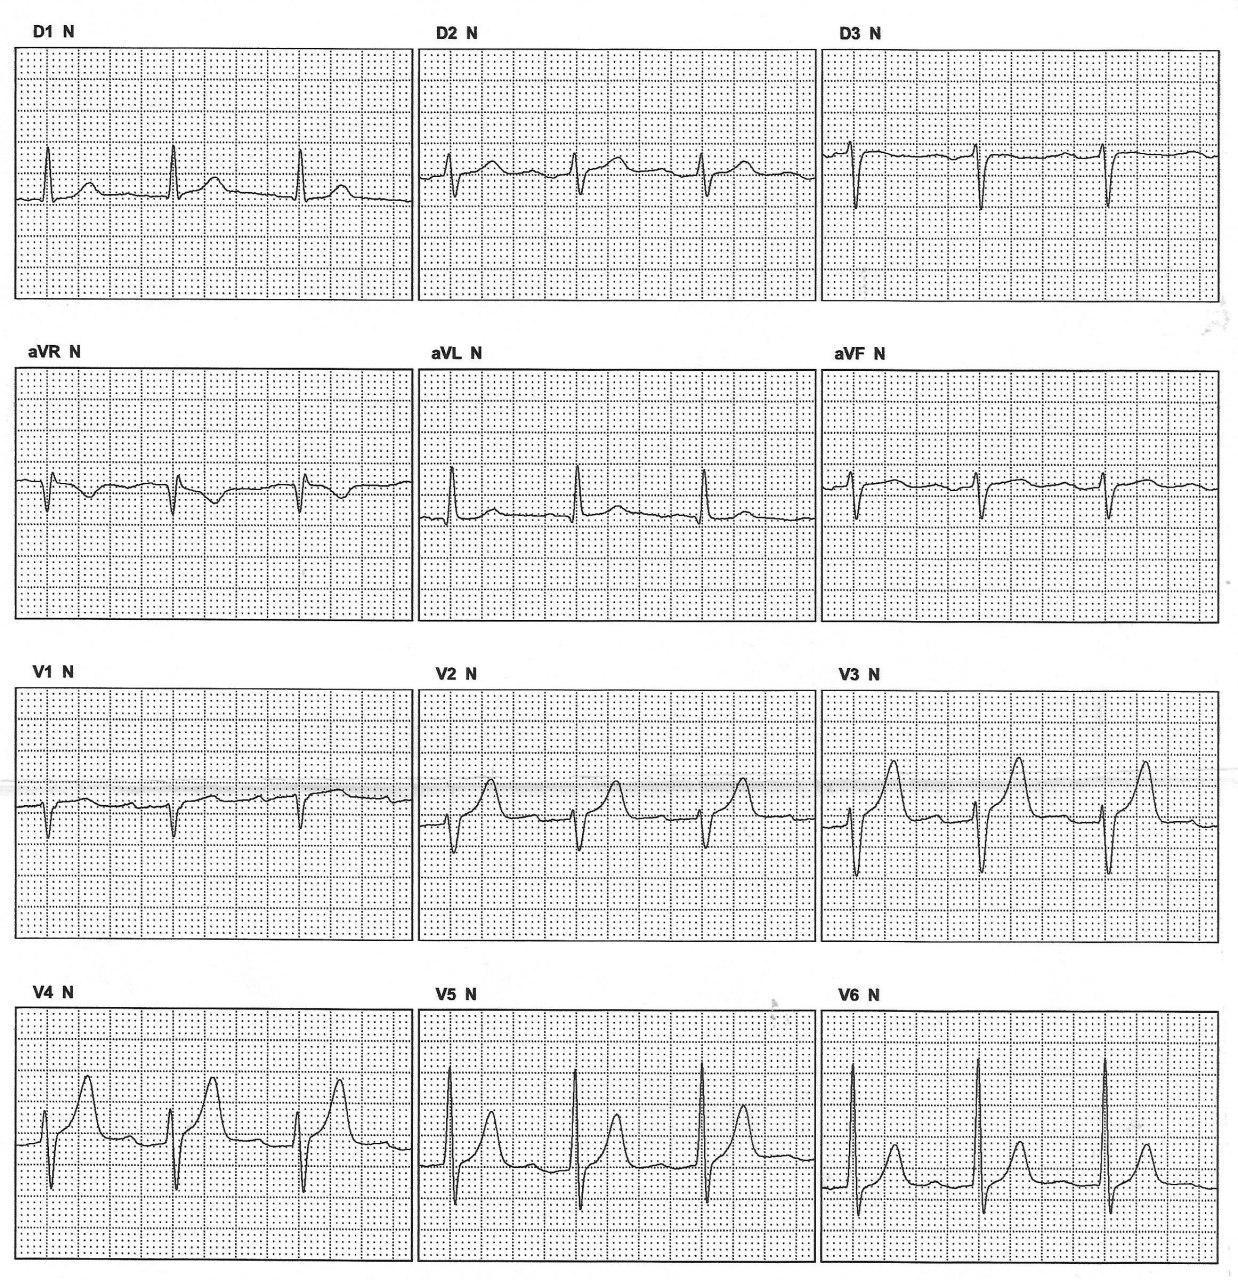 Hombre que 6 meses después de ablación de FA muestra en el ECG signos premonitorios de recurrencia, que acontece a posteriori